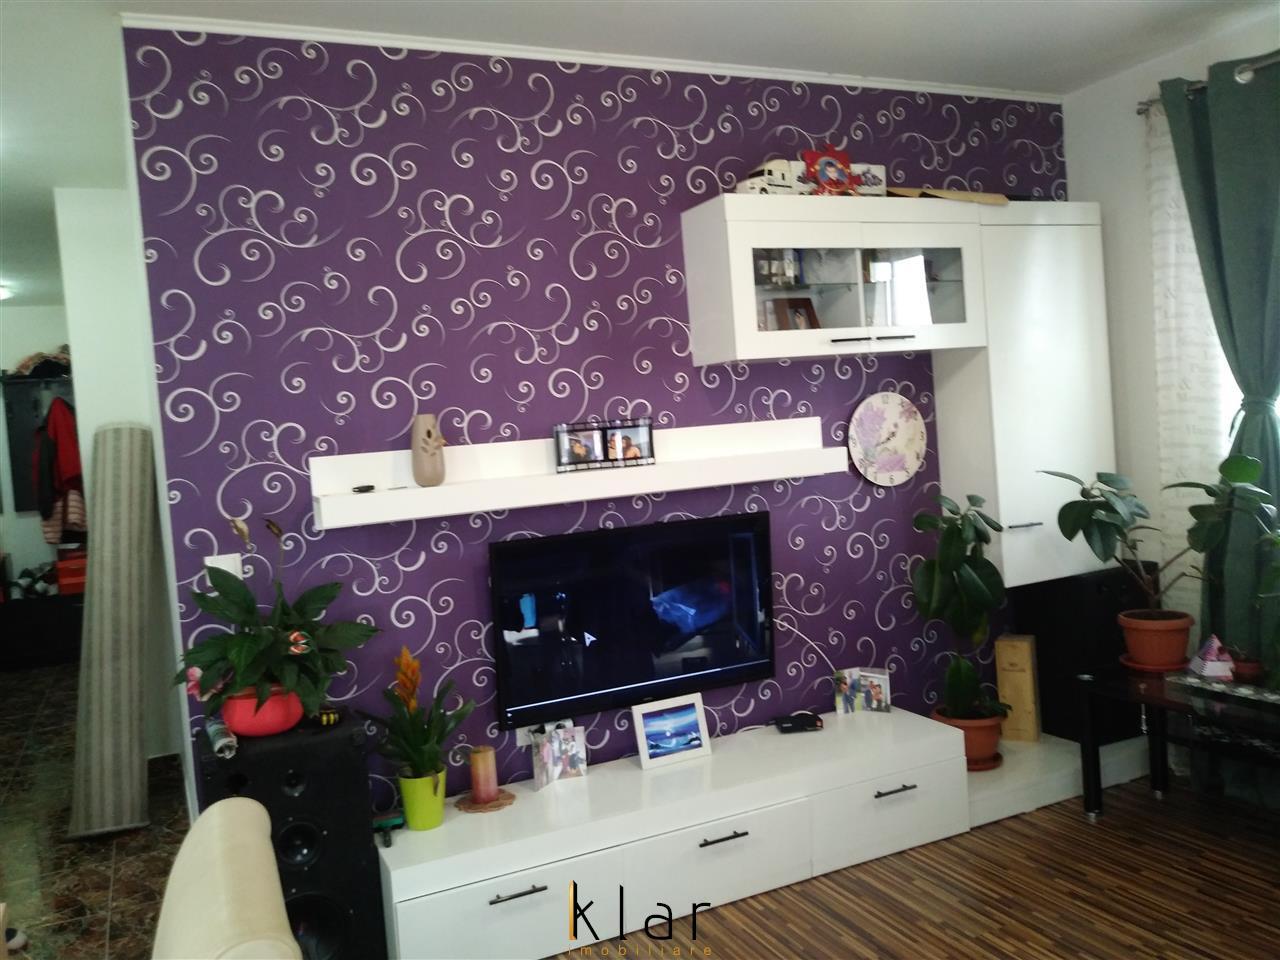 Vanzare apartament 2 camere, 45 mp, Calea Baciului, Zona Petrom!